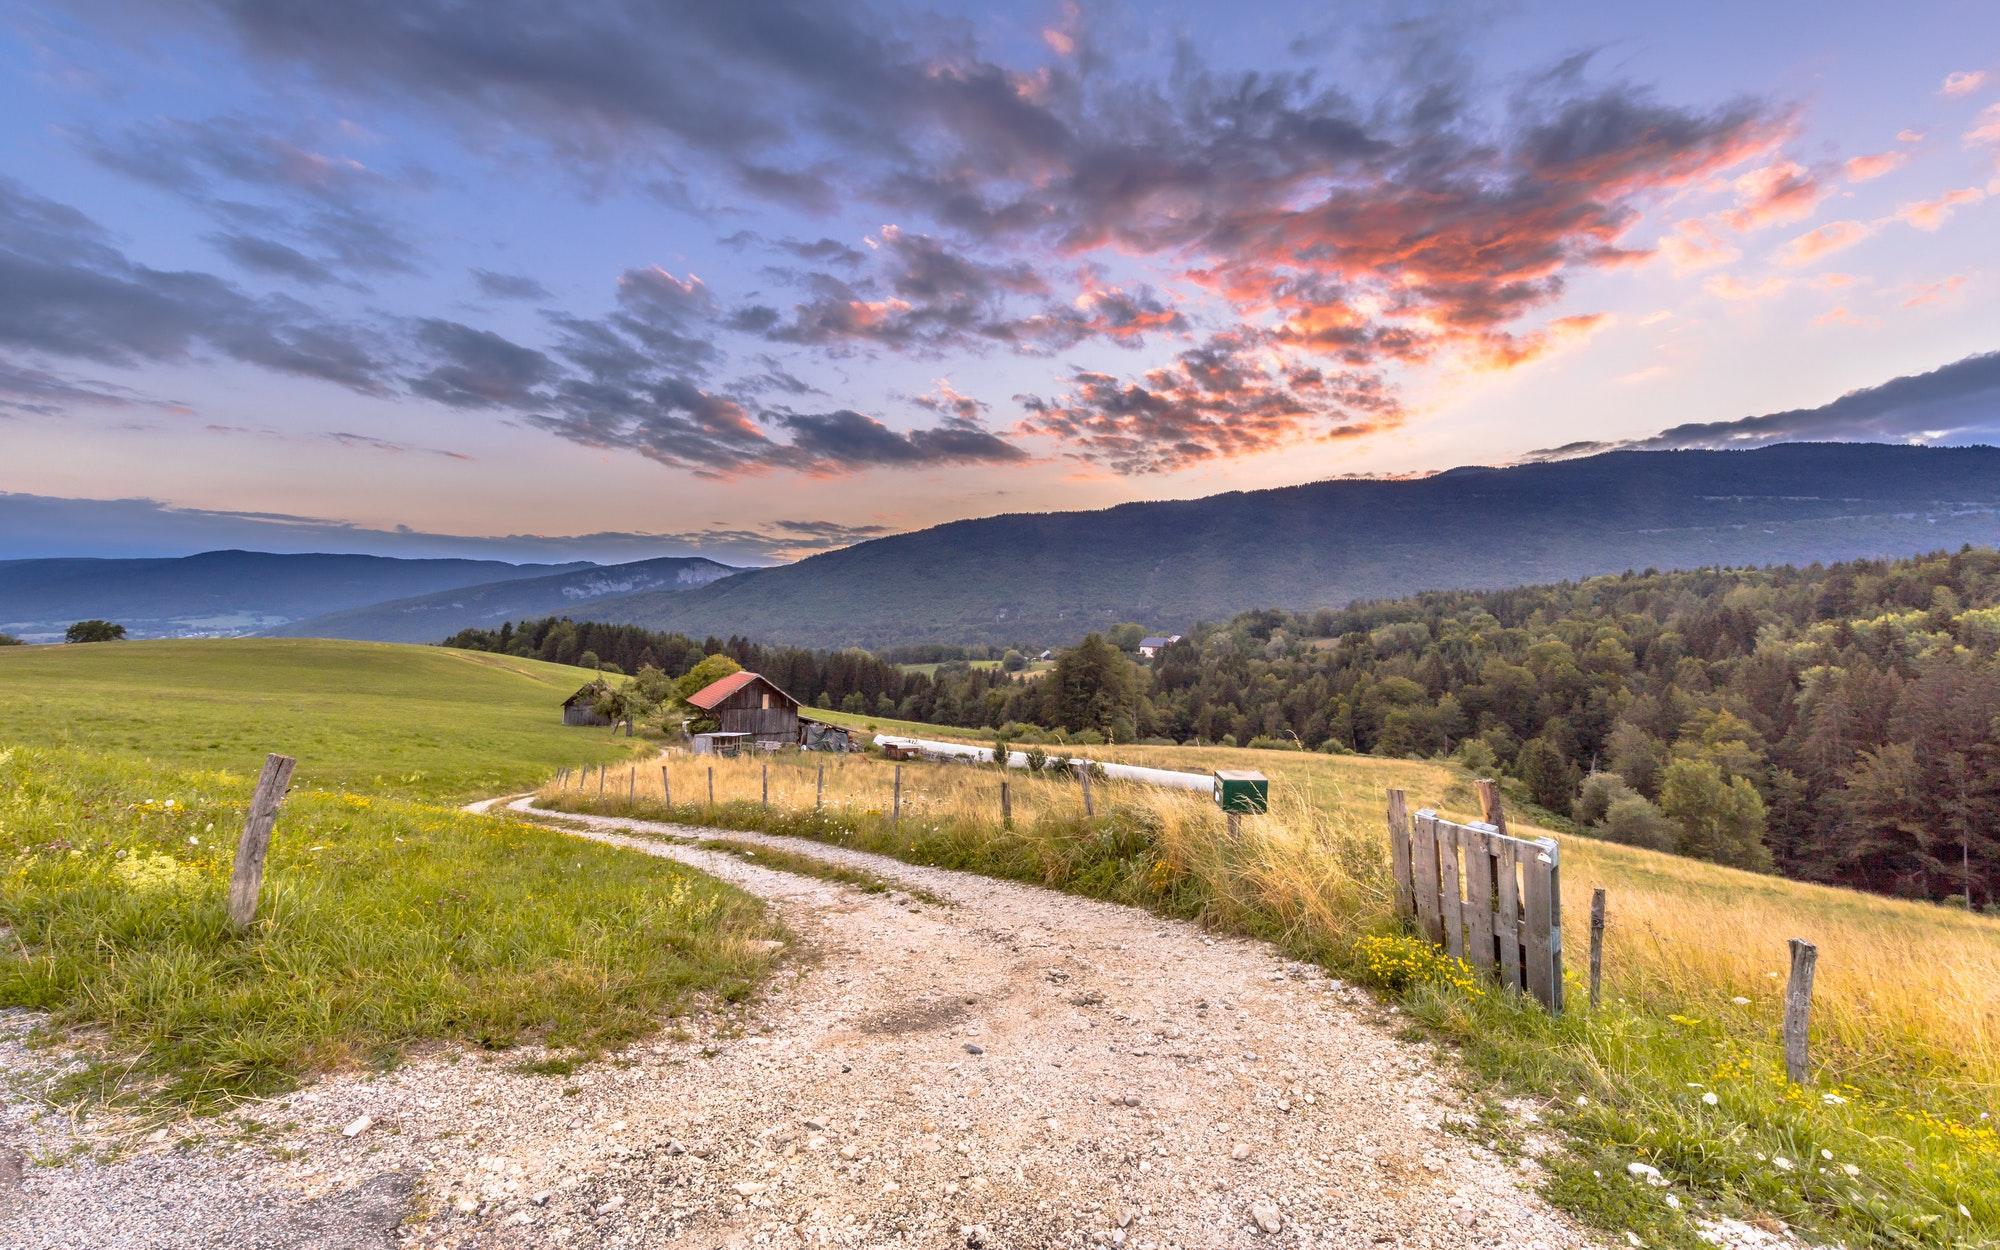 Qué ver y hacer en Manigod Haute-Savoie